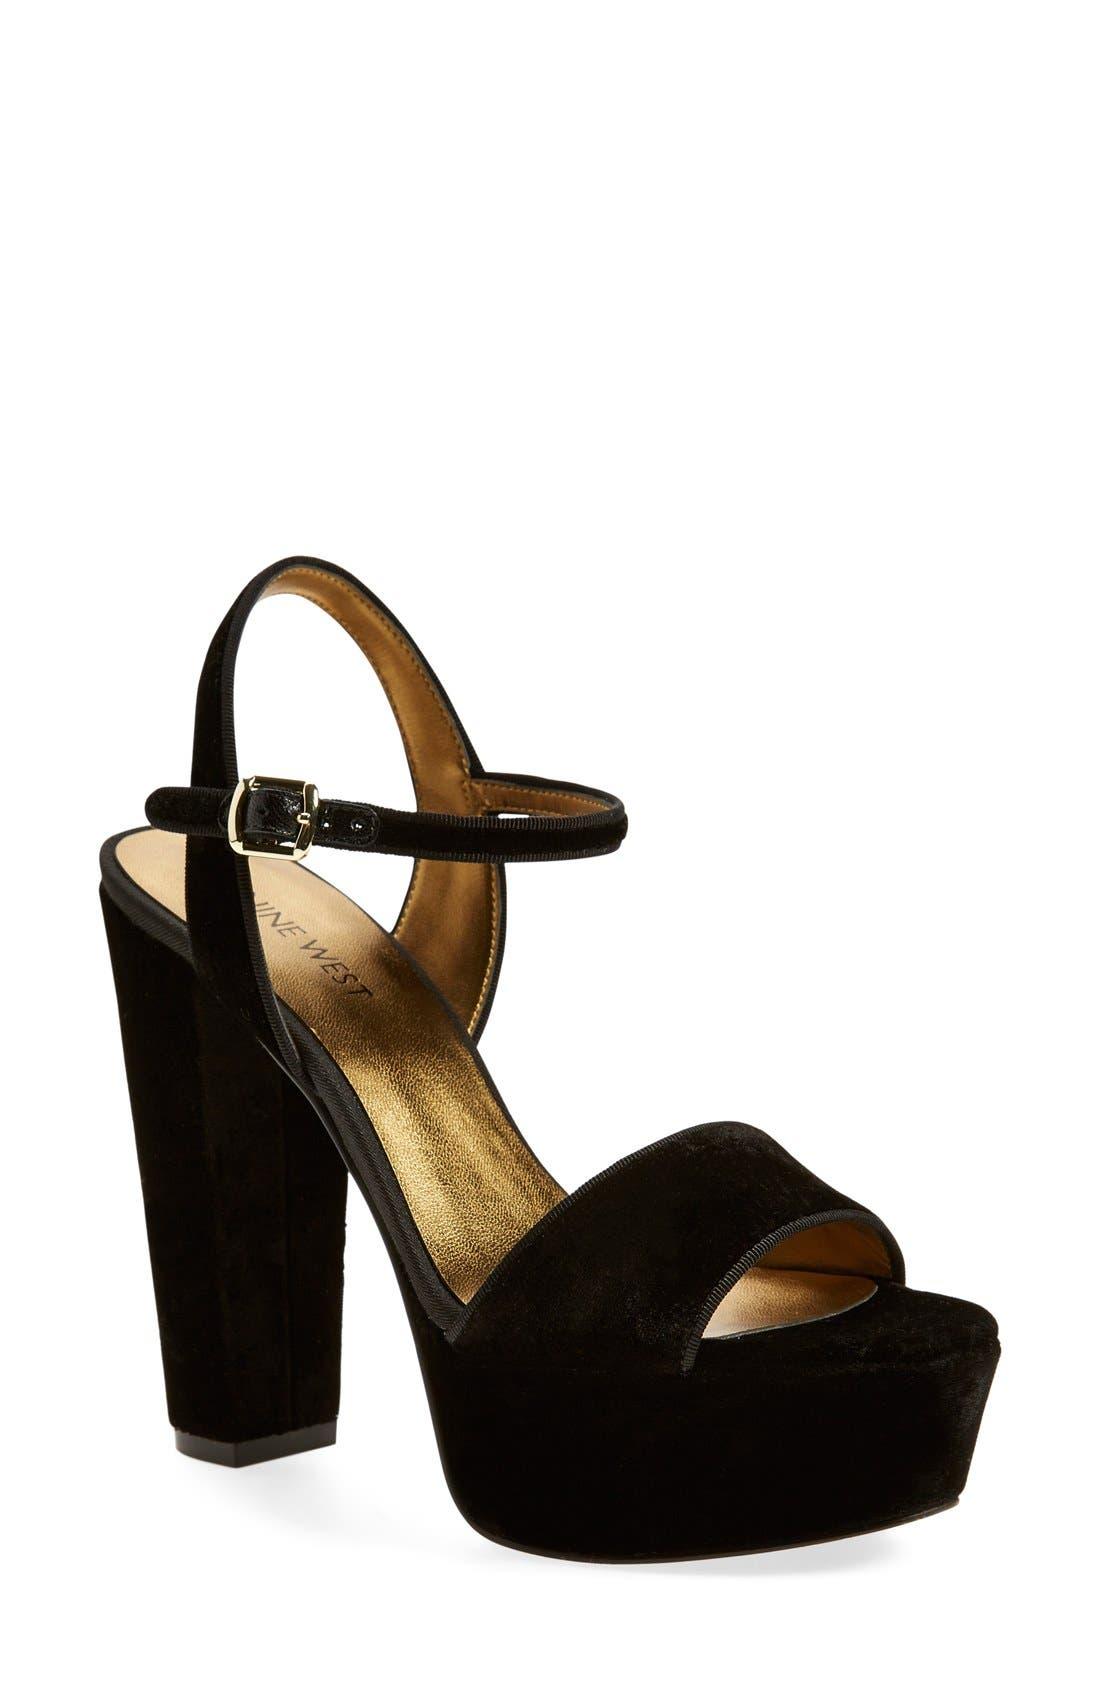 Main Image - Nine West 'Carnation' Platform Sandal (Women)